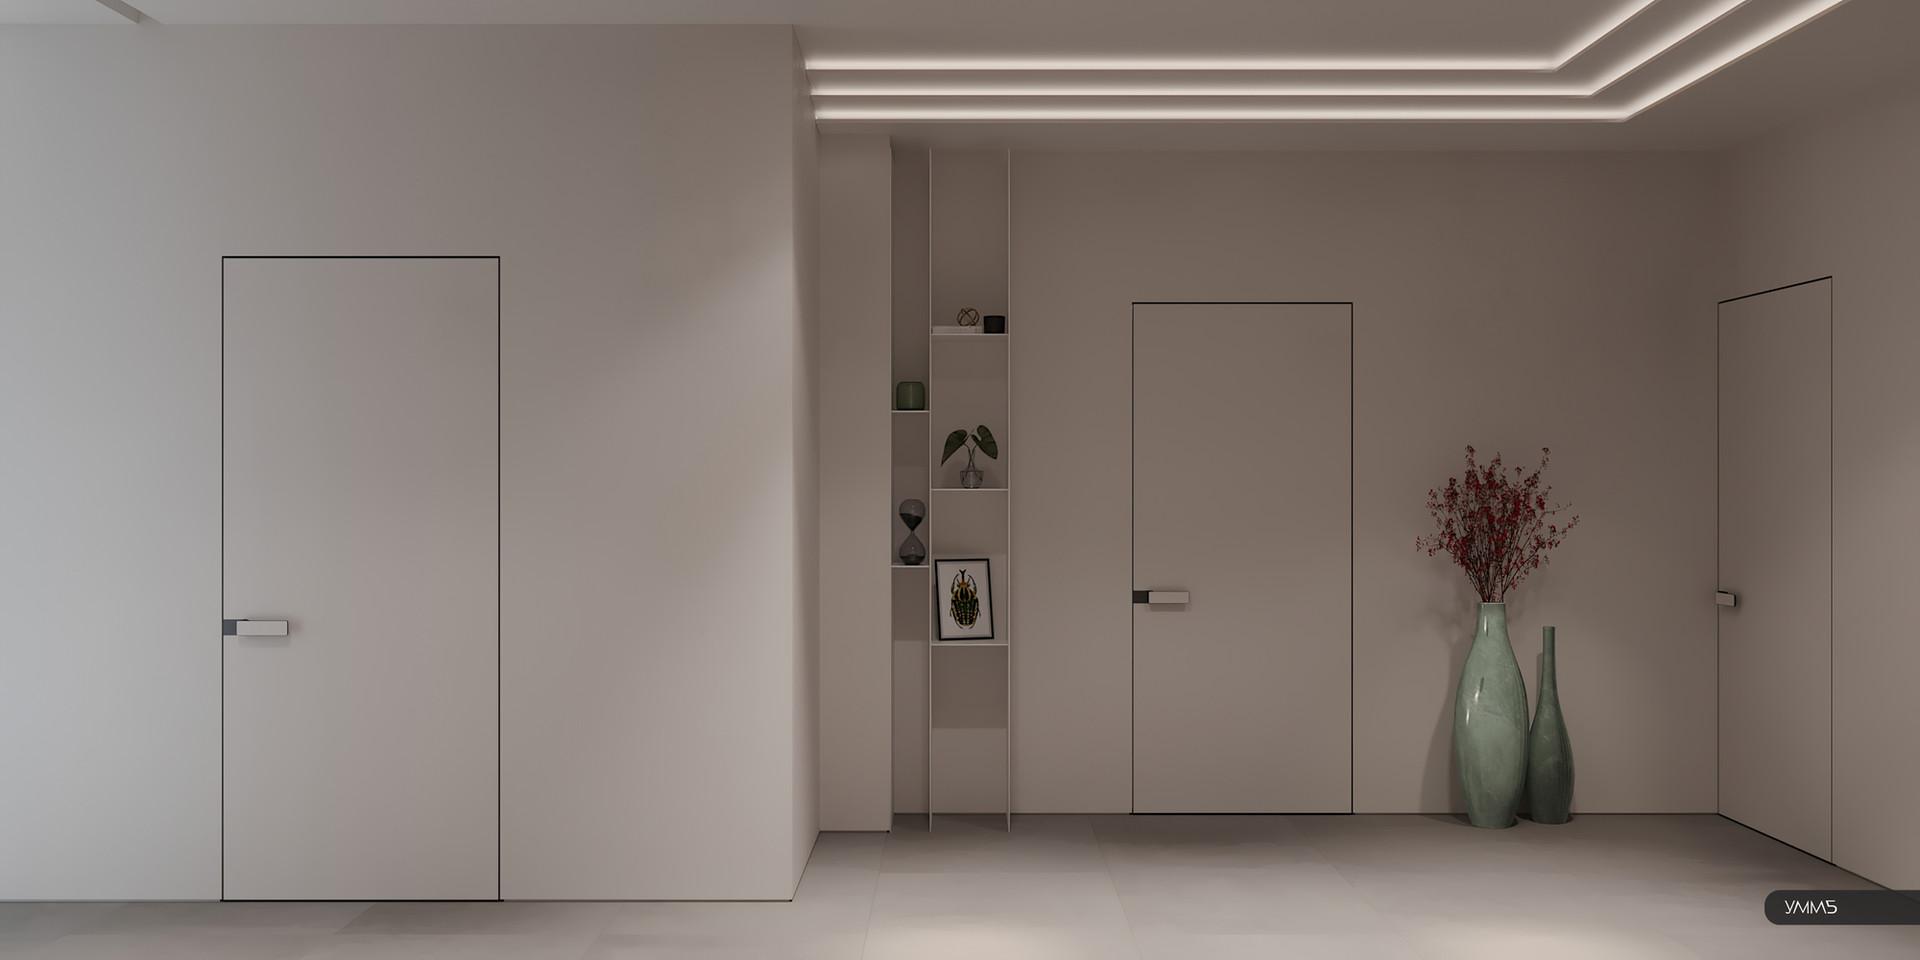 Современный дизайн, современный интерьер, дизайн квартиры, дизайн калининград, дизайнеры калининграда, интерьер калининград, дизайн проект квартиры, дизайн студии, дизайн интерьера калининград, дизайнер интерьера калининград, дизайн проект калининград, дизайн проект, дизайн интерьера, умм5, umm5, холл, прихожая, коридор, дизайн холла, дизайн прихожей, дизайн коридора. интерьер холла, интерьер прихожей, интерьер коридора